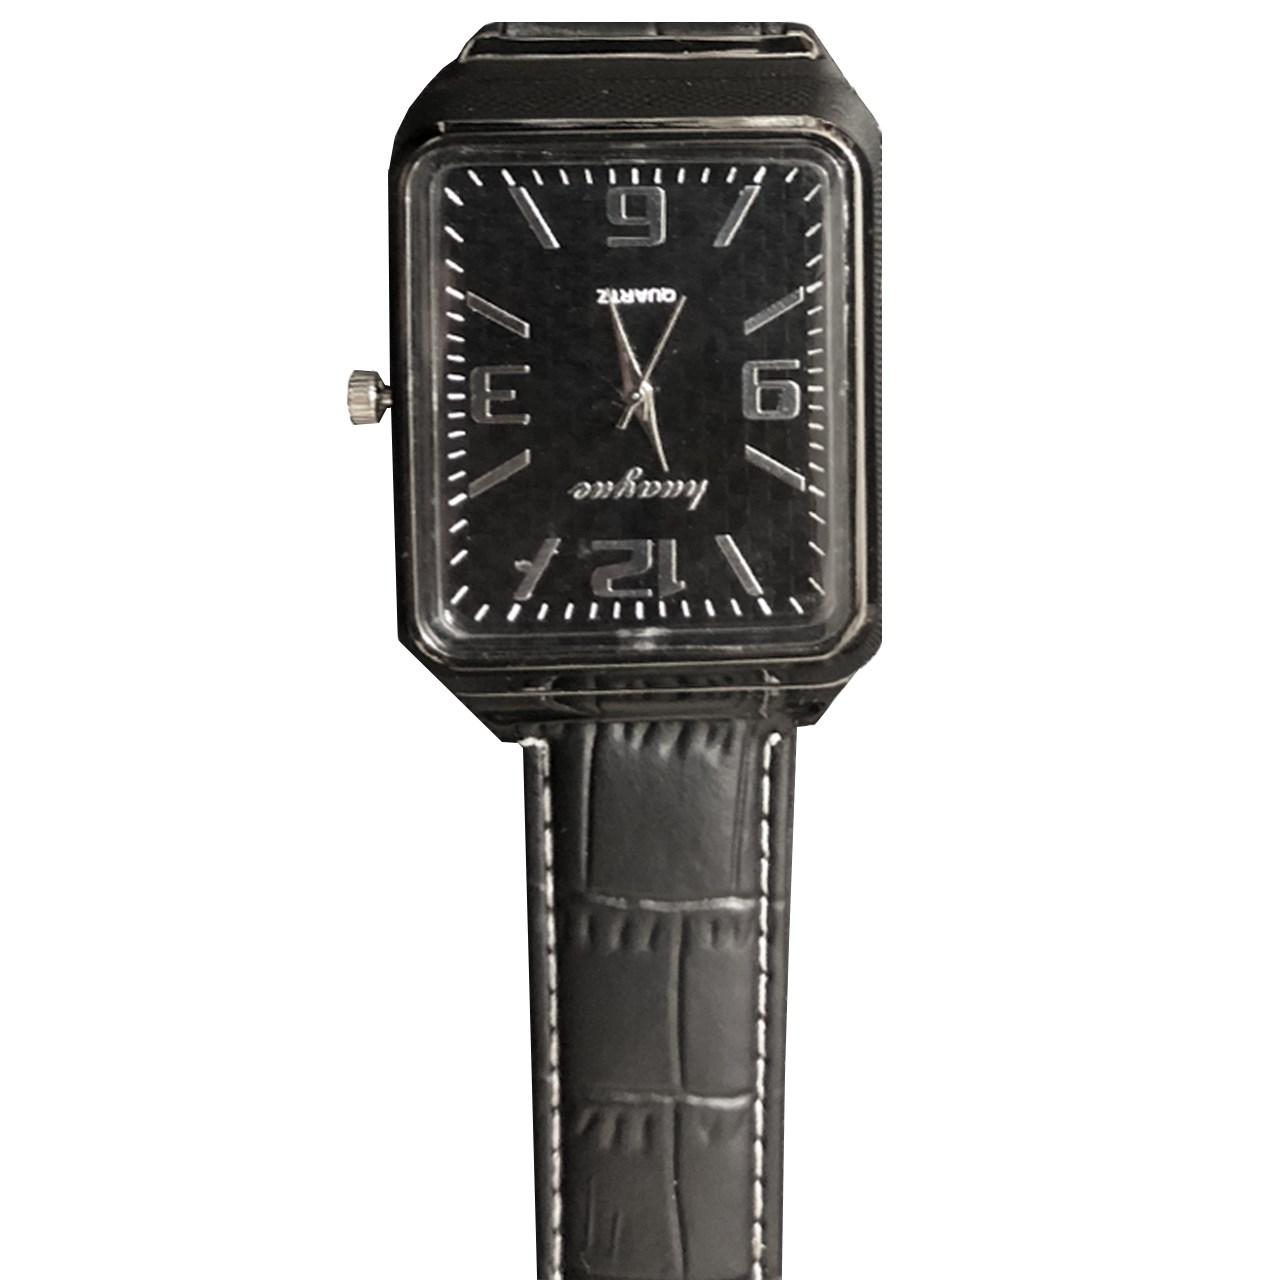 فندک ساعتی مدل B-01